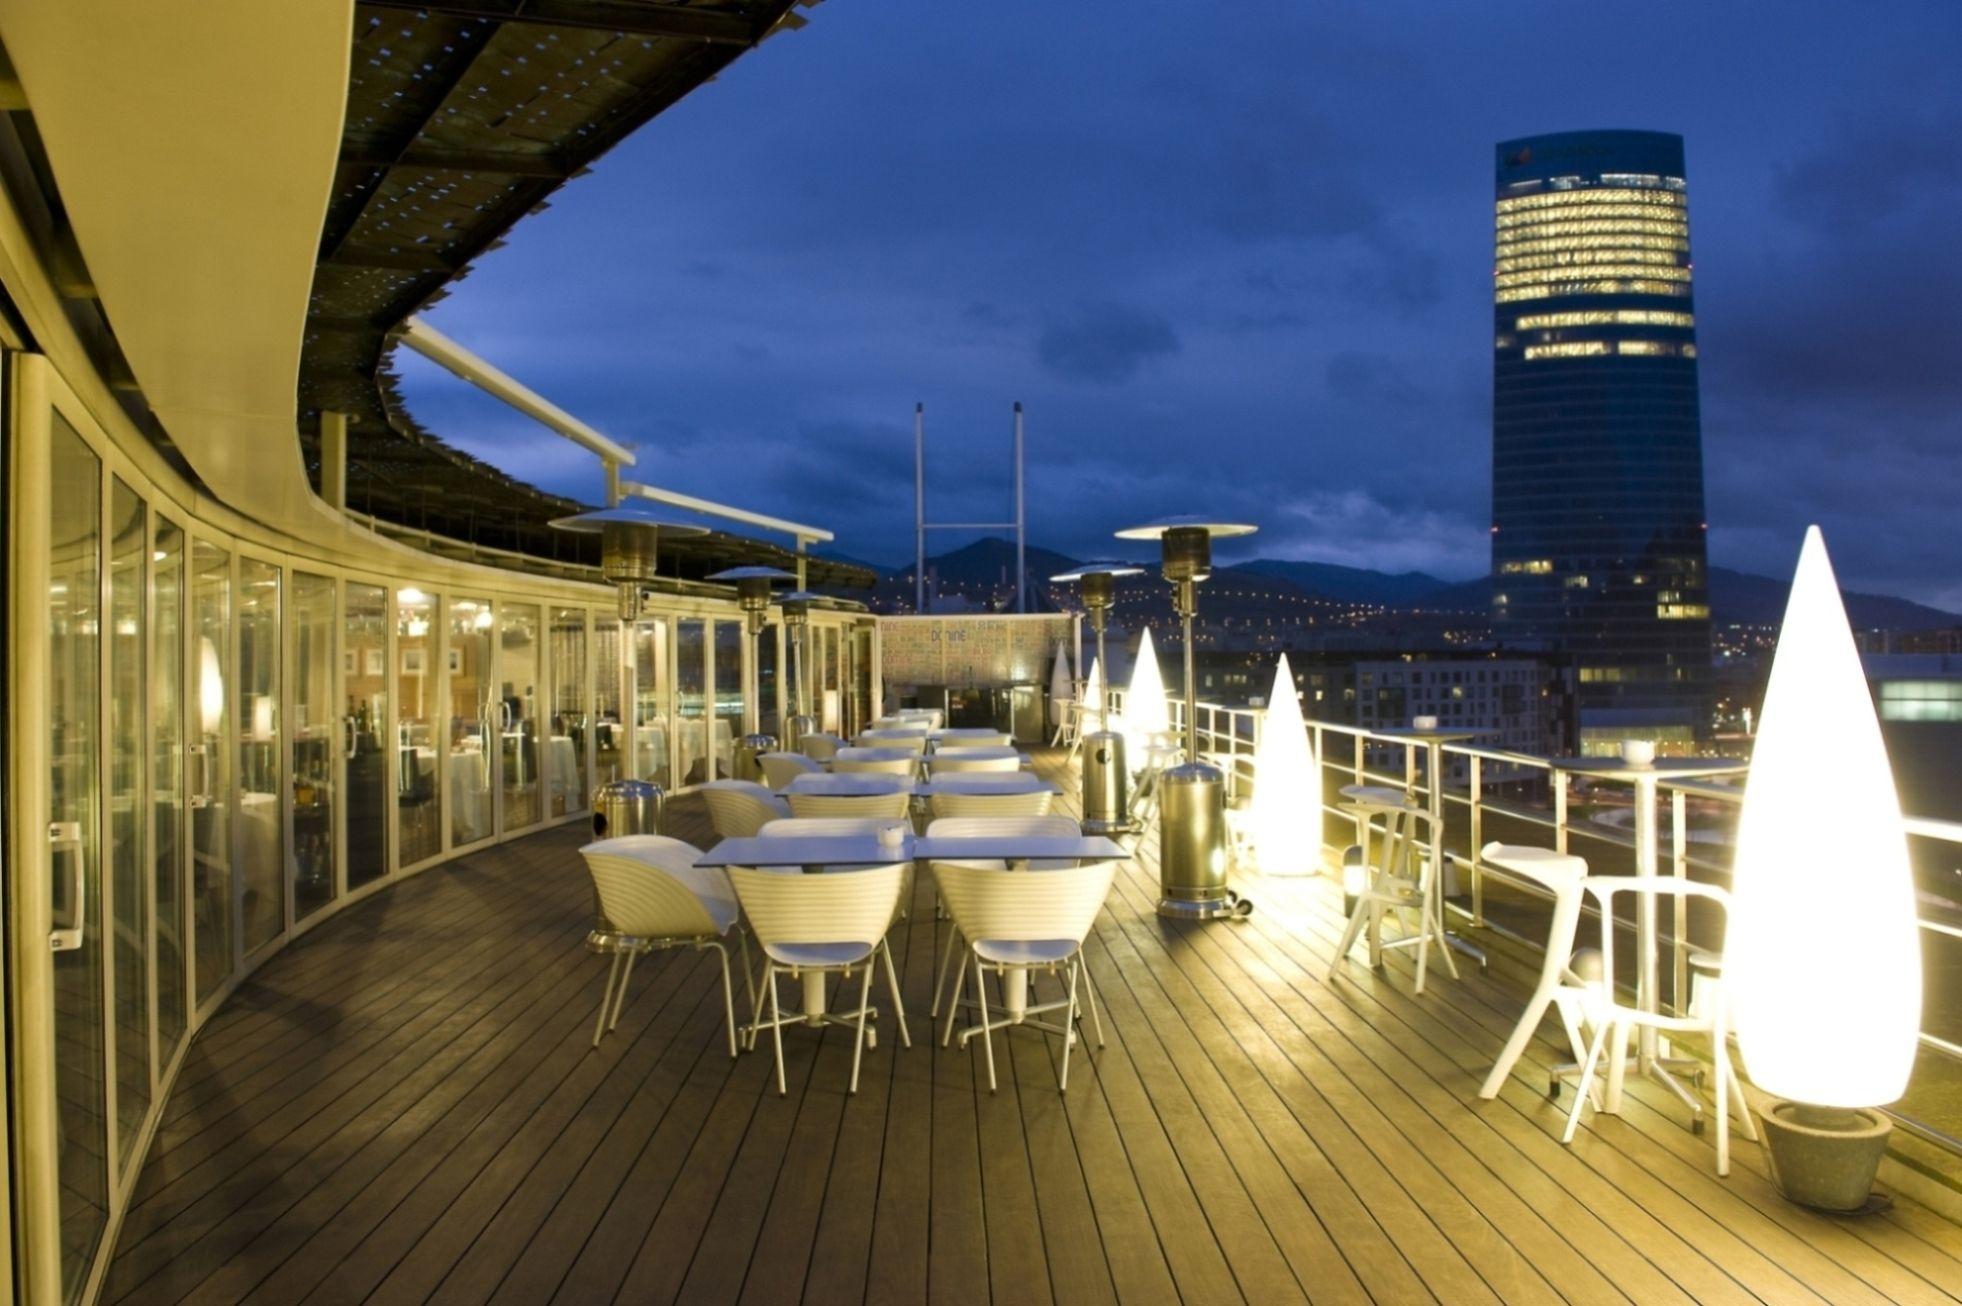 DOMA terrace Bilbao Spain La terraza del nuevo